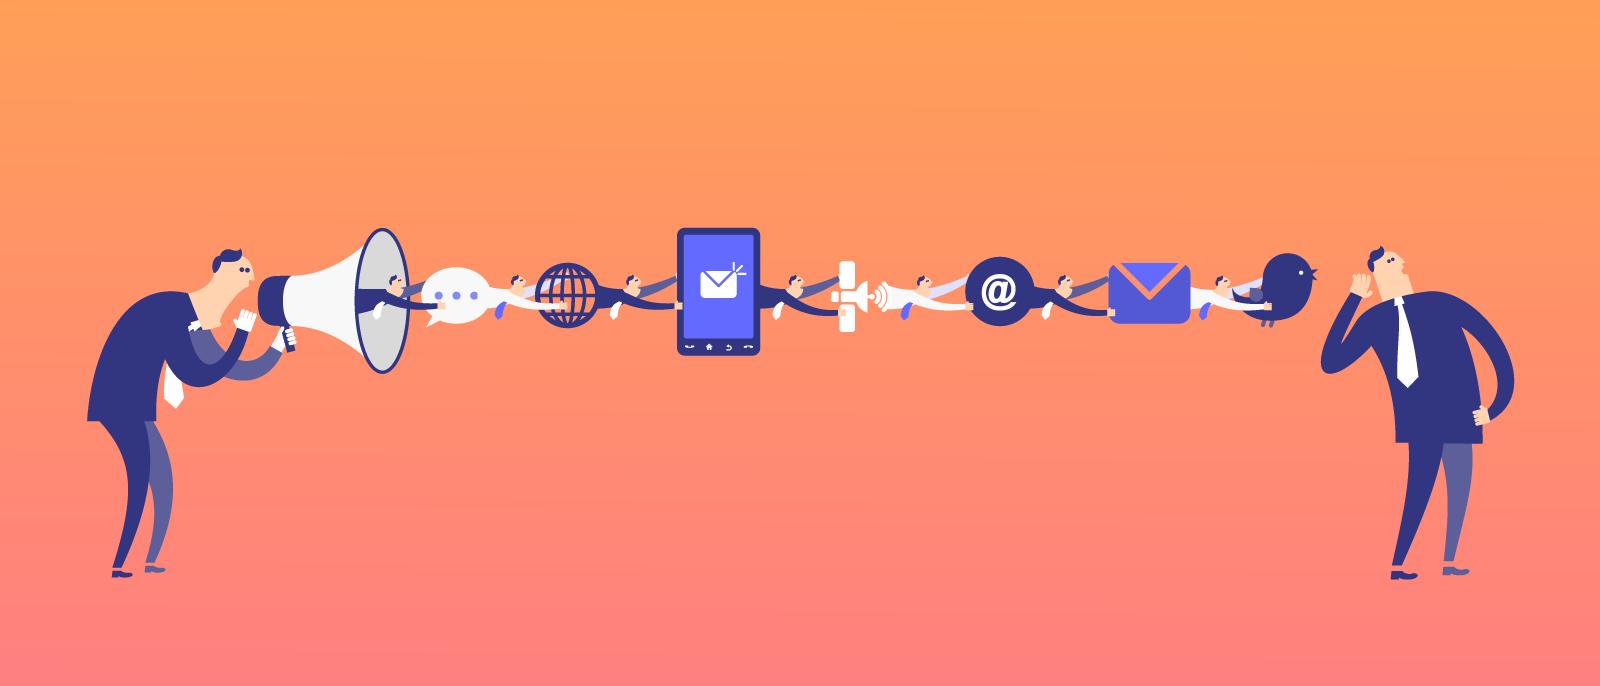 social selling framework